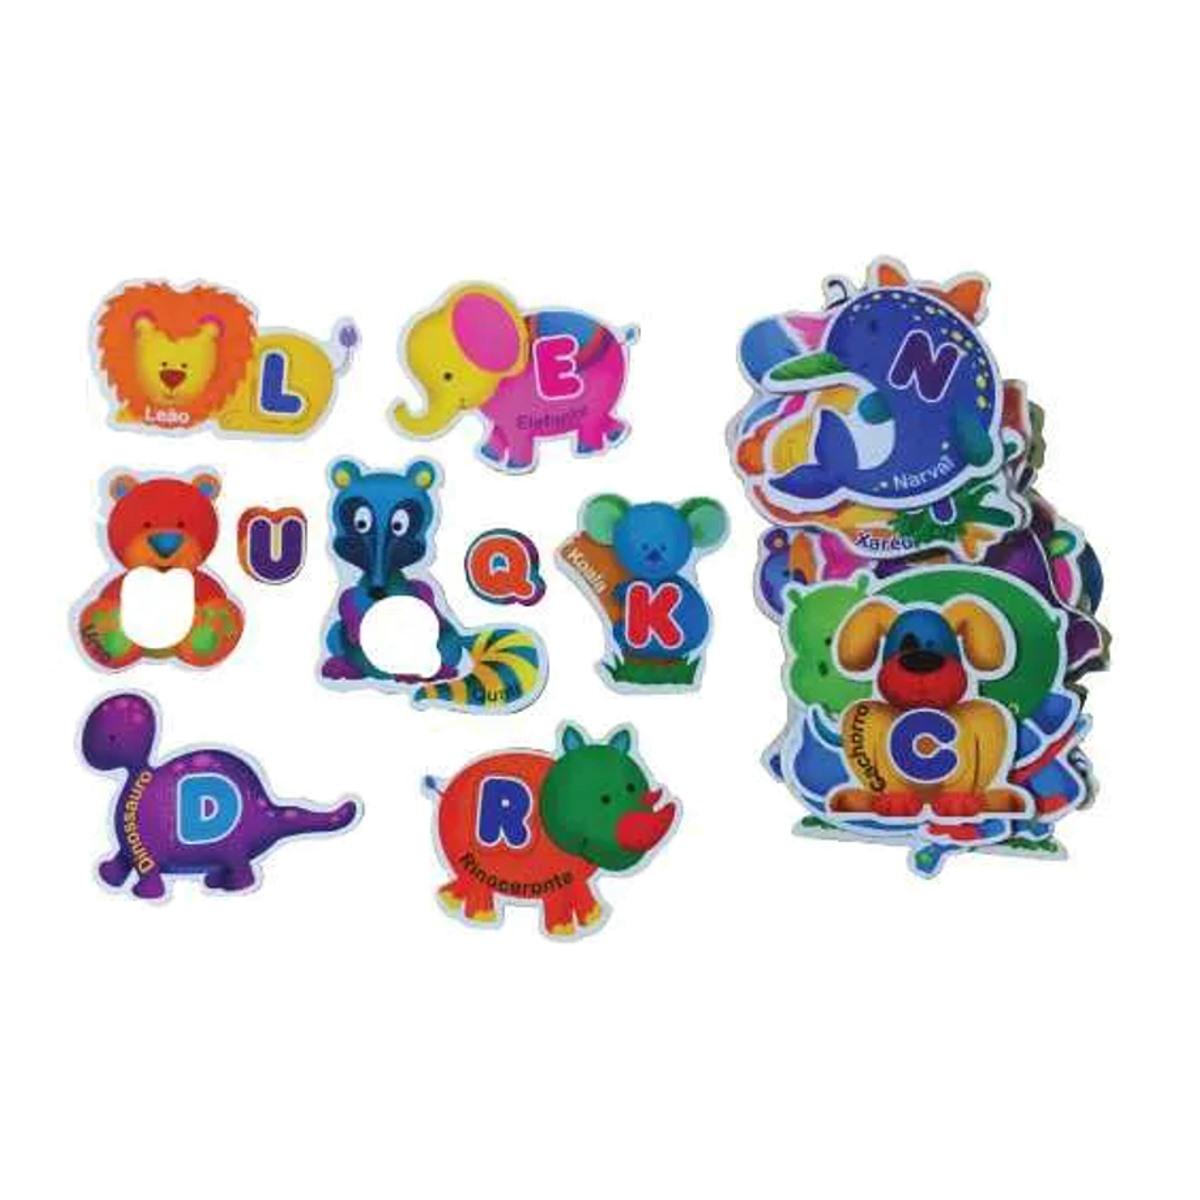 Brinquedos Educativos - Jogo Alfabeto Divertido 52 Peças